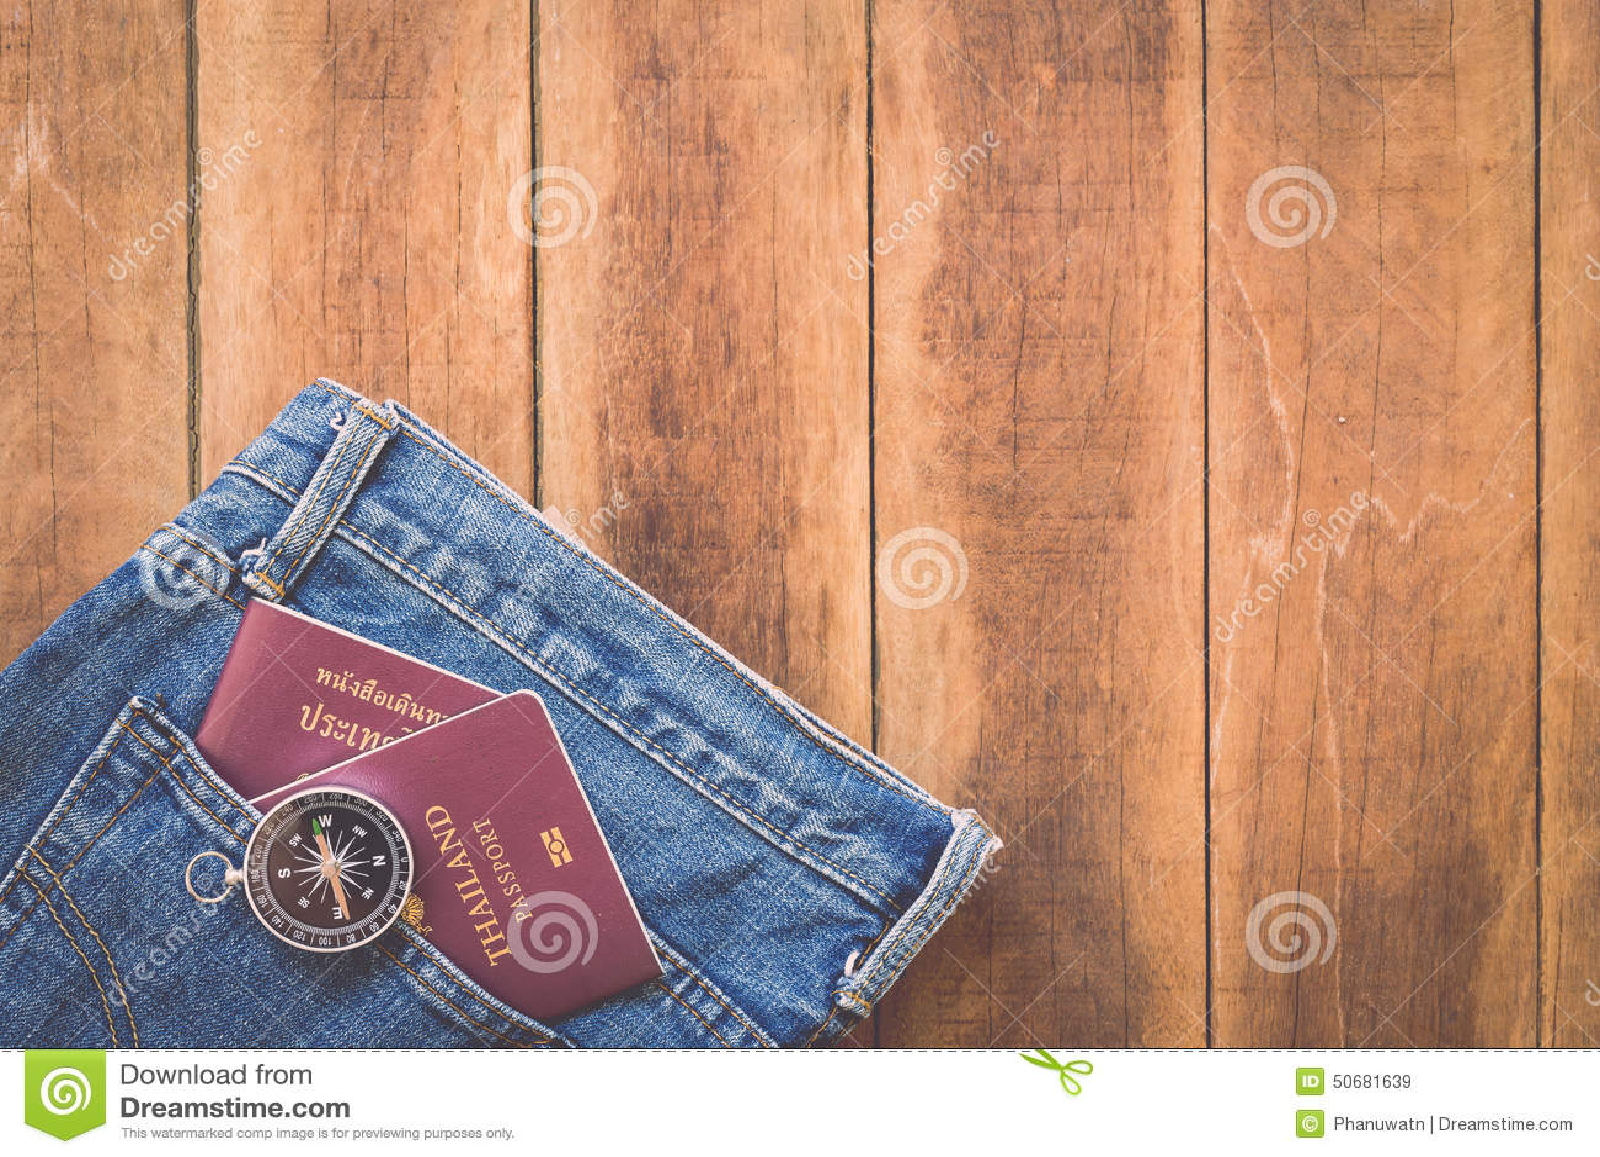 Download 泰国护照和指南针在木头 库存图片. 图片 包括有 发现, 看板卡, 框架, 证券, 绳索, 国际, 旅途 - 50681639